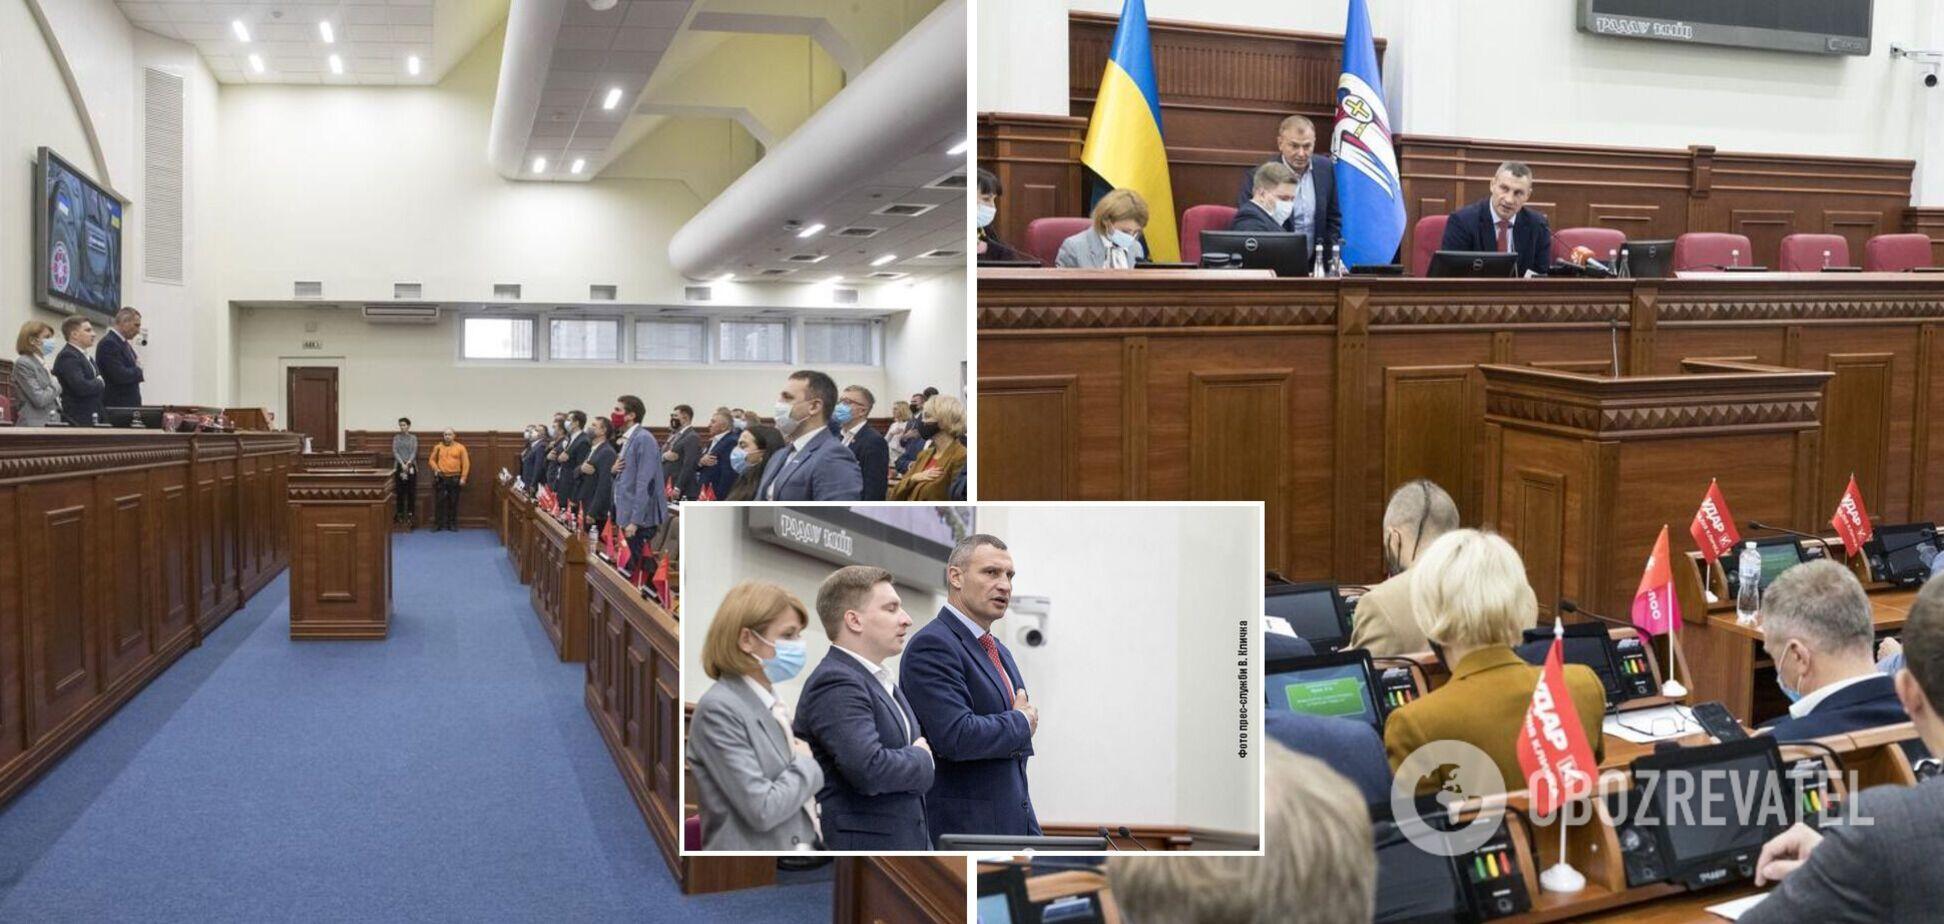 Кличко закликав депутатів ухвалити рішення про виплати матеріальної компенсації шести сім'ям загиблих в АТО киян